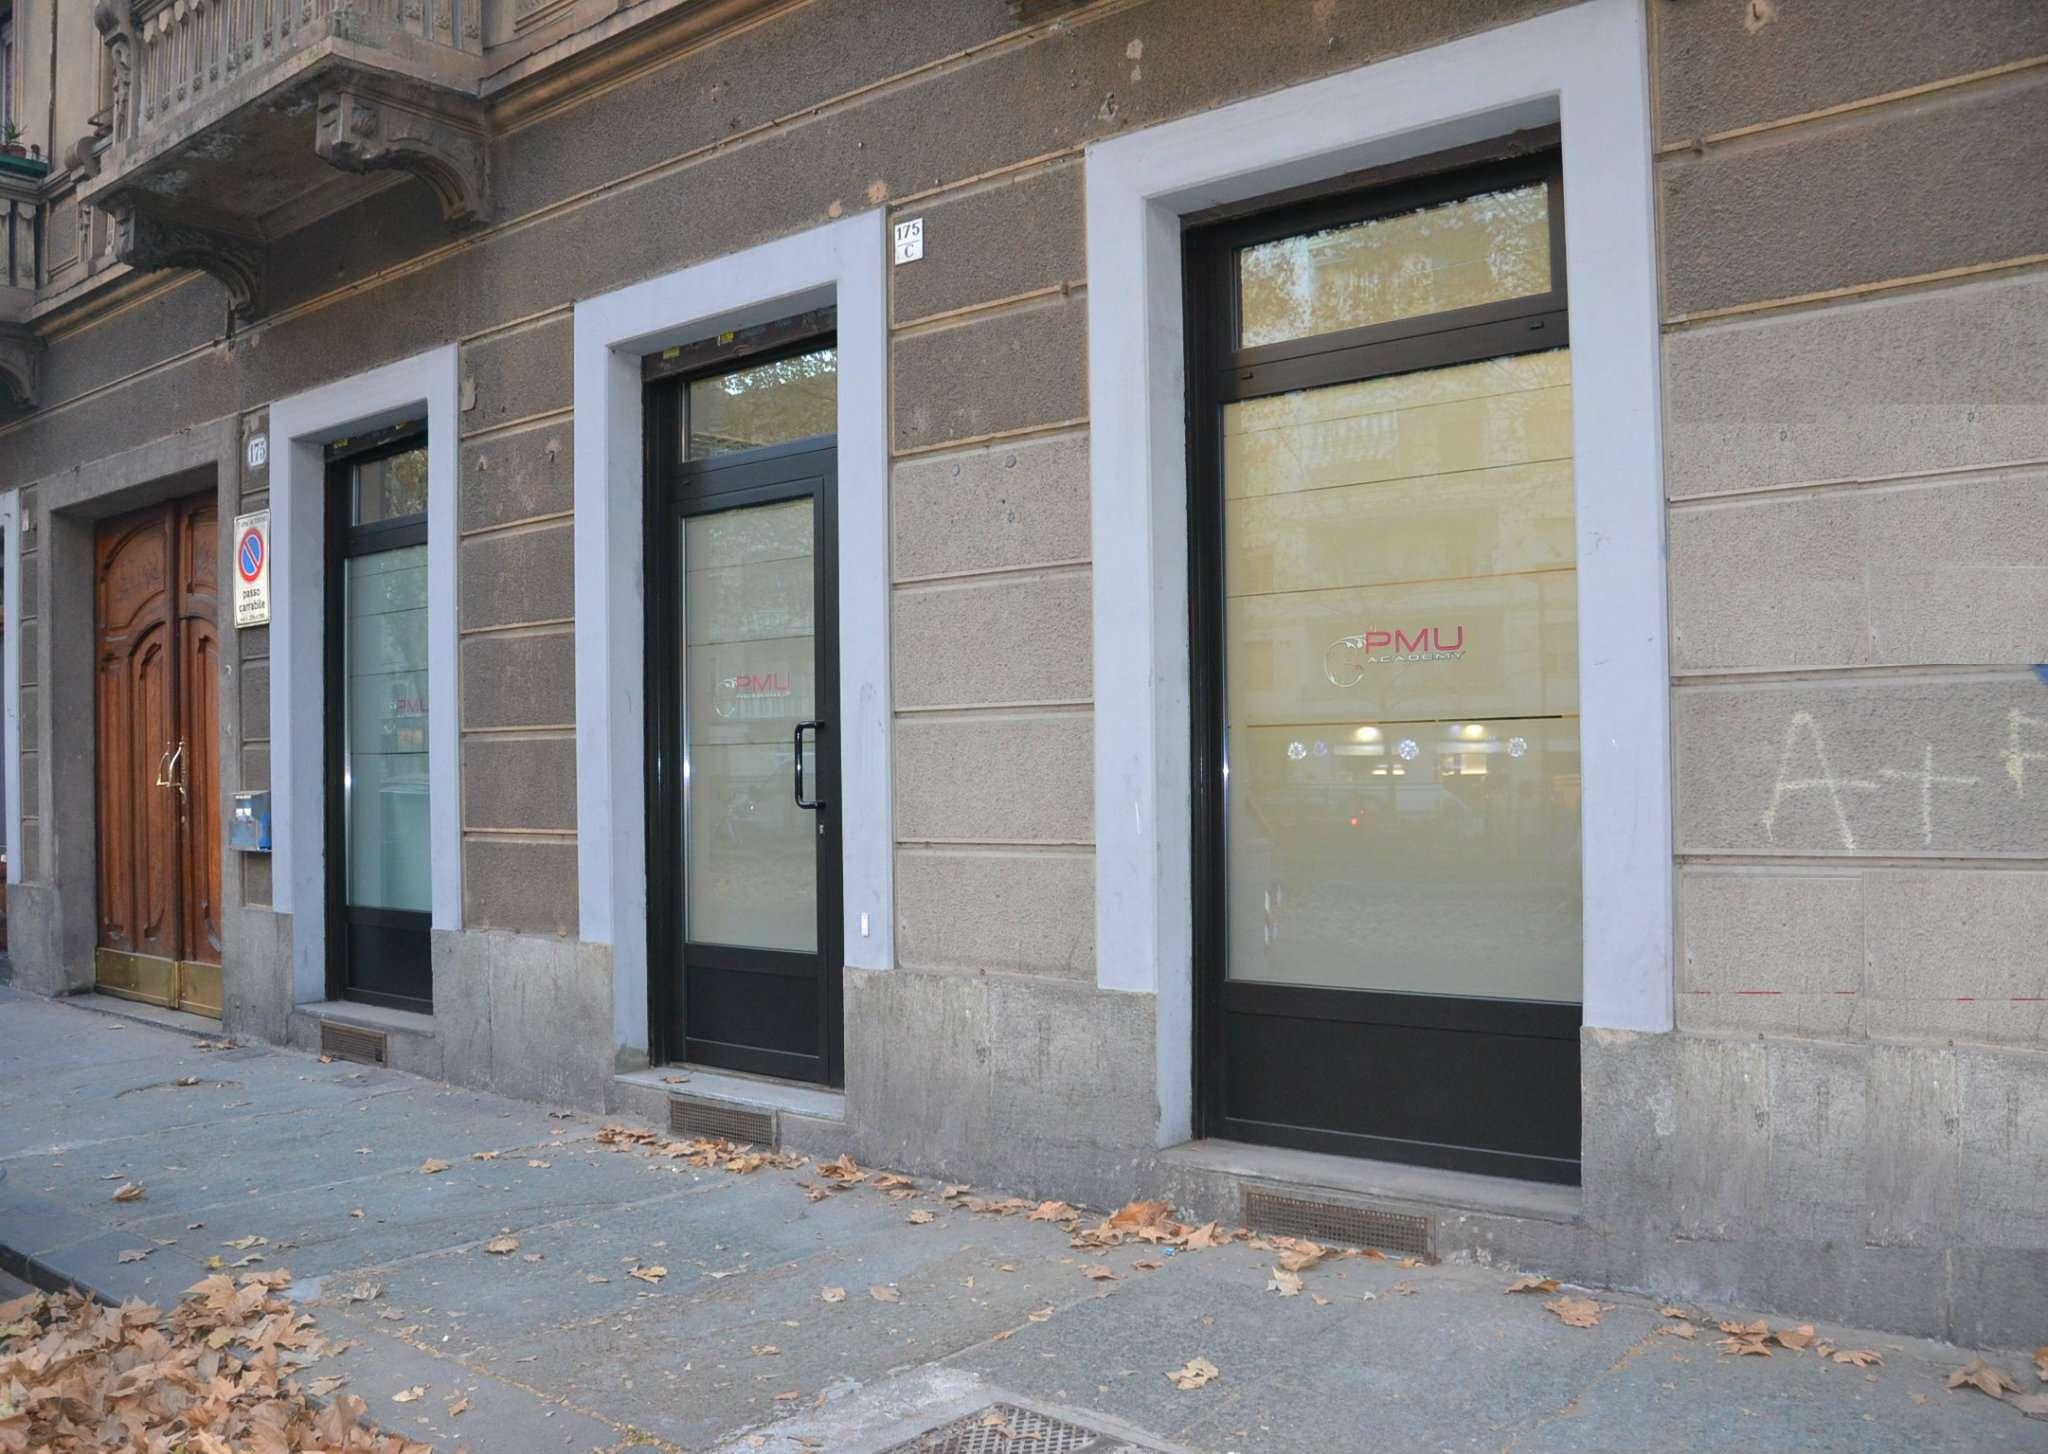 Negozio in affitto Zona Cit Turin, San Donato, Campidoglio - corso Regina Margherita 175 Torino